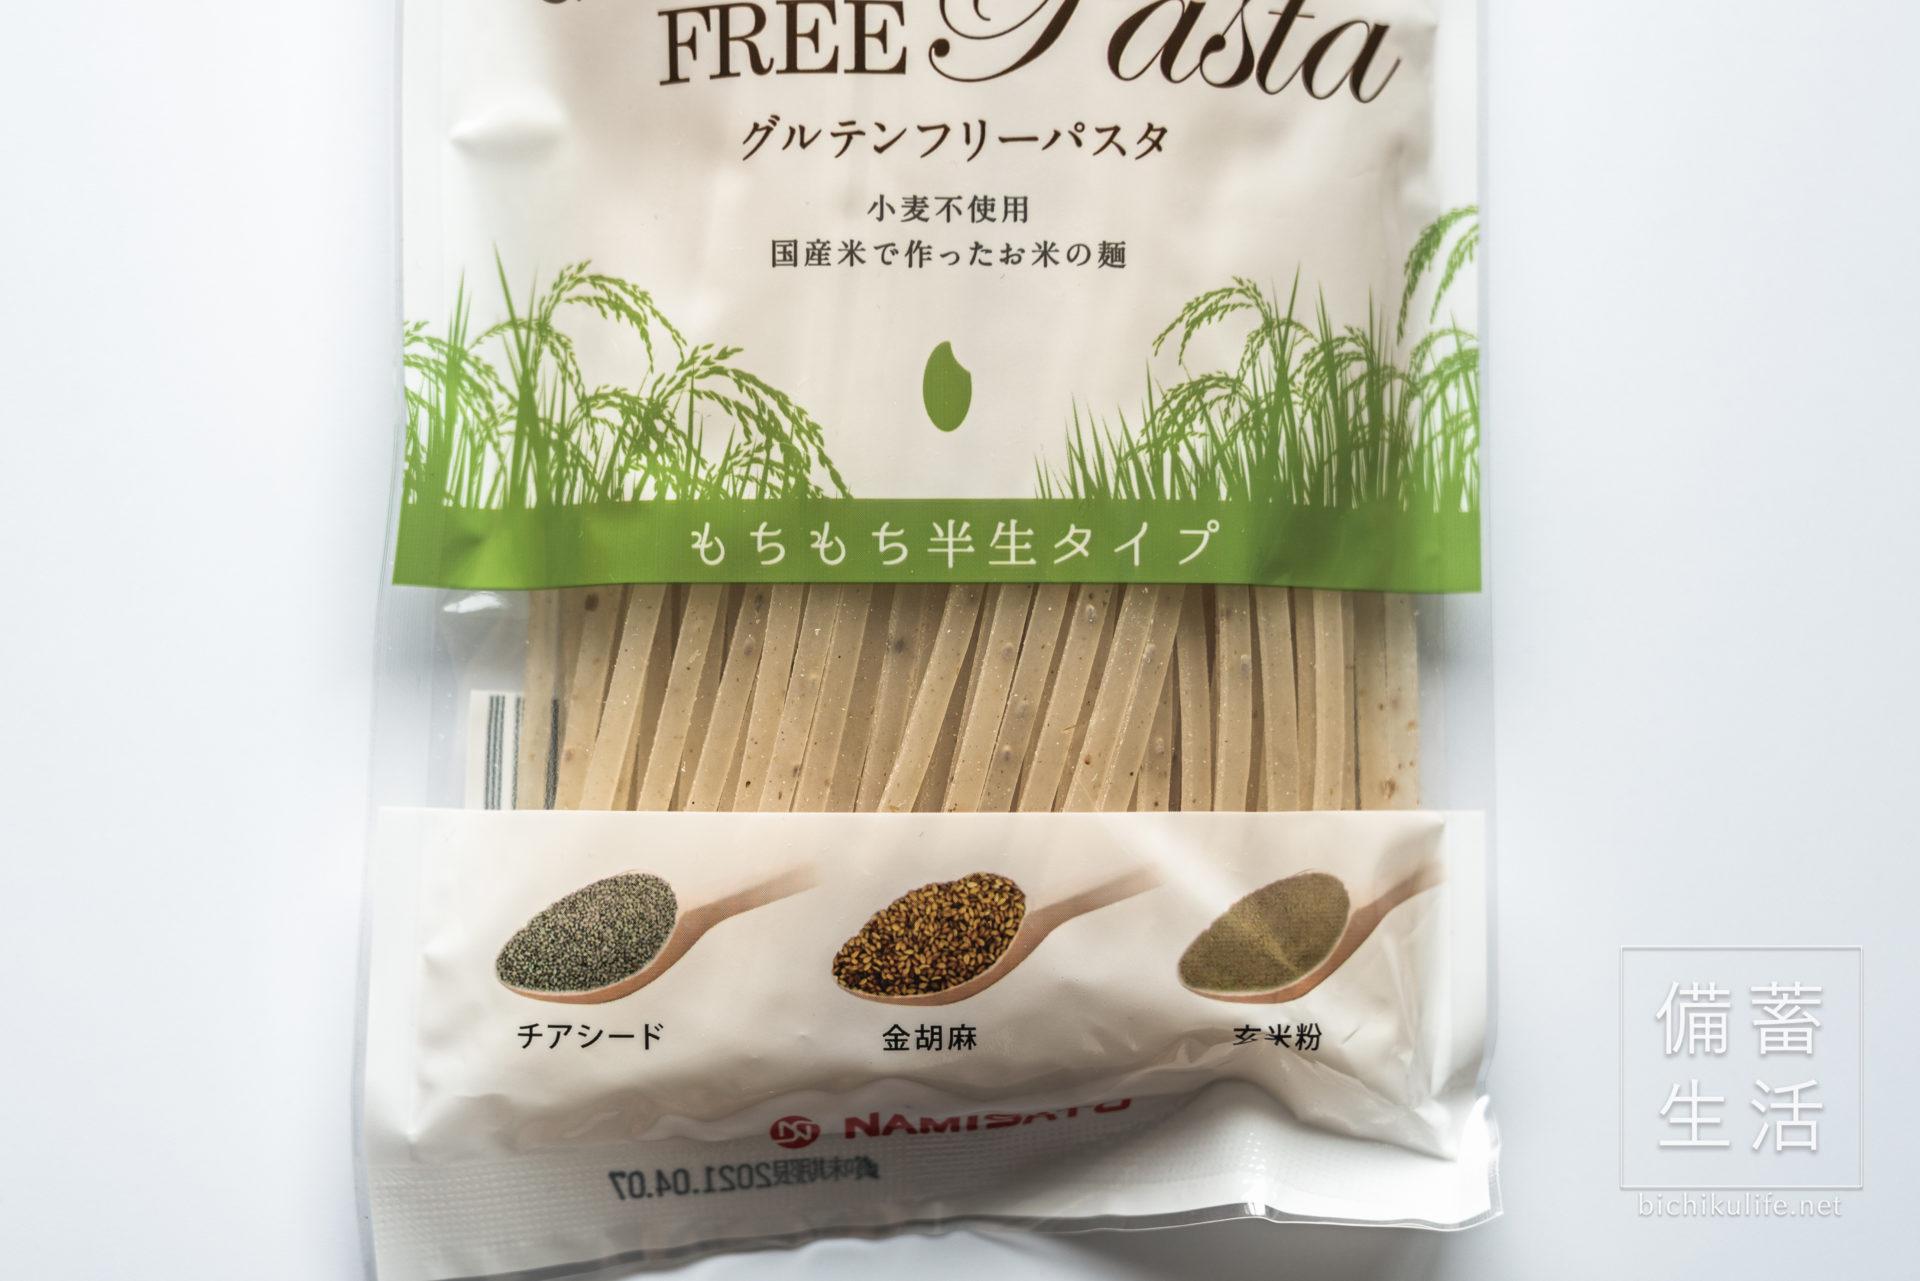 こまち麺 パスタ グルテンフリーのお米のパスタの原材料